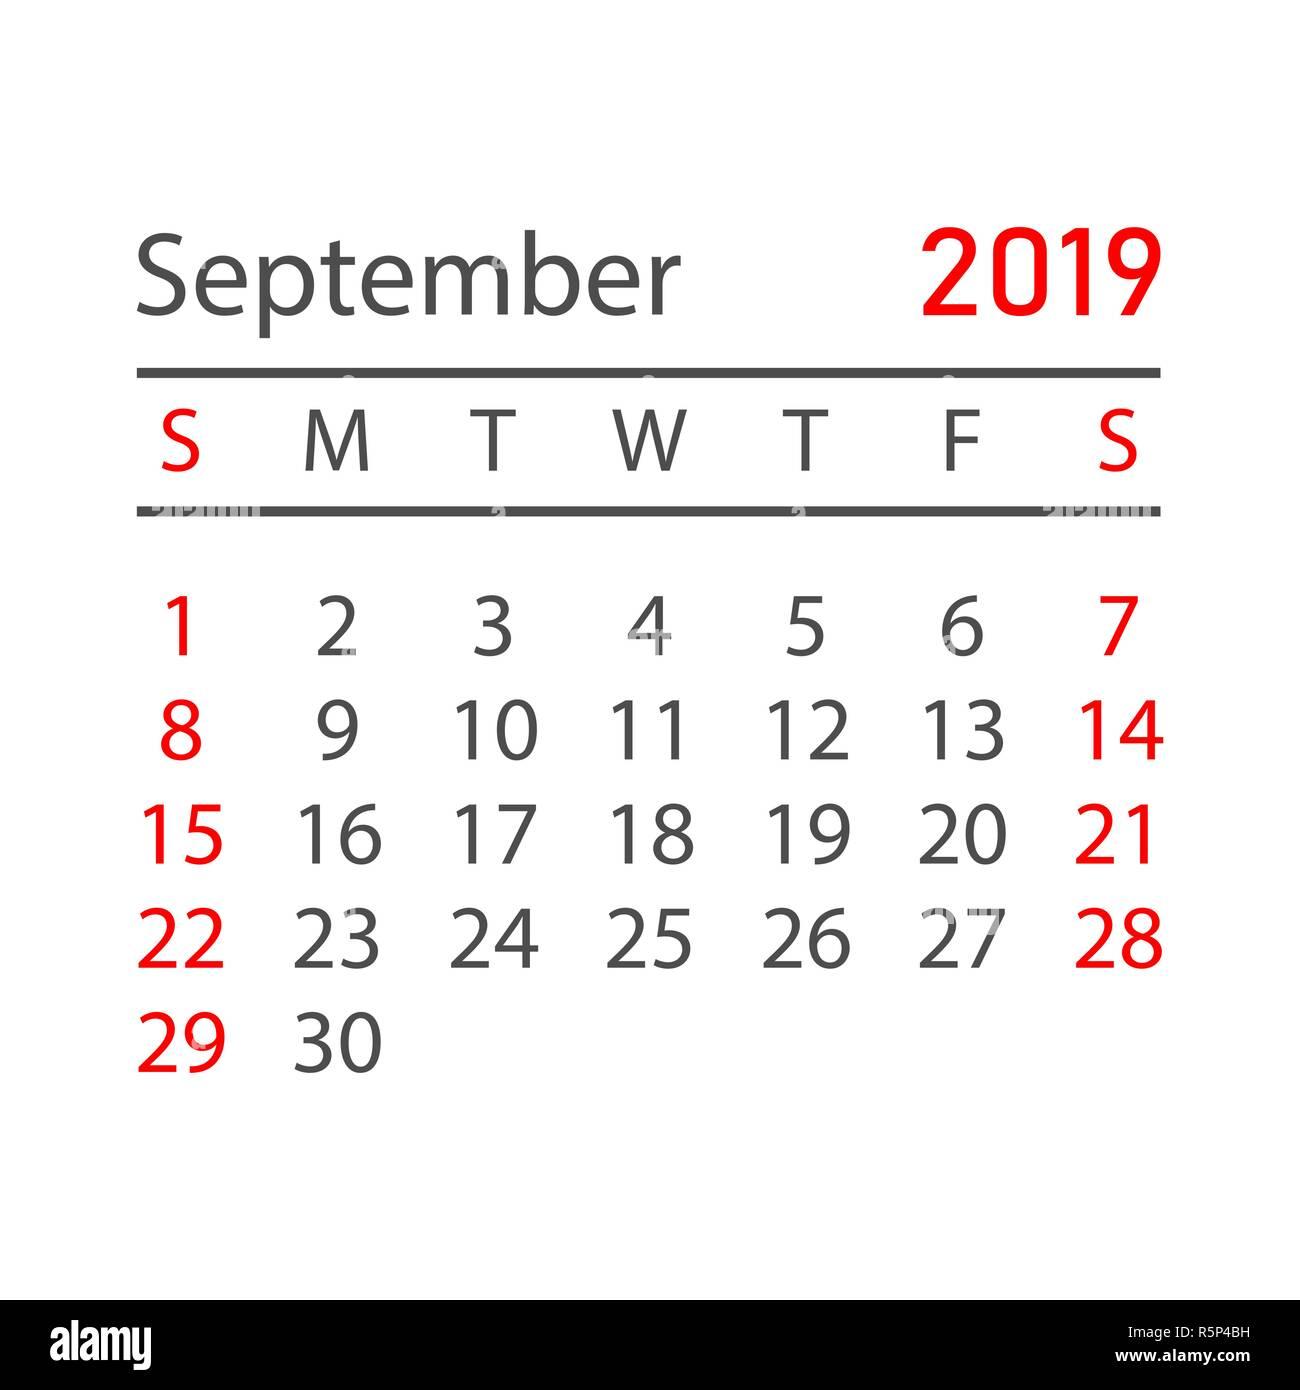 Calendar Planner September 2019.Calendar September 2019 Year In Simple Style Calendar Planner